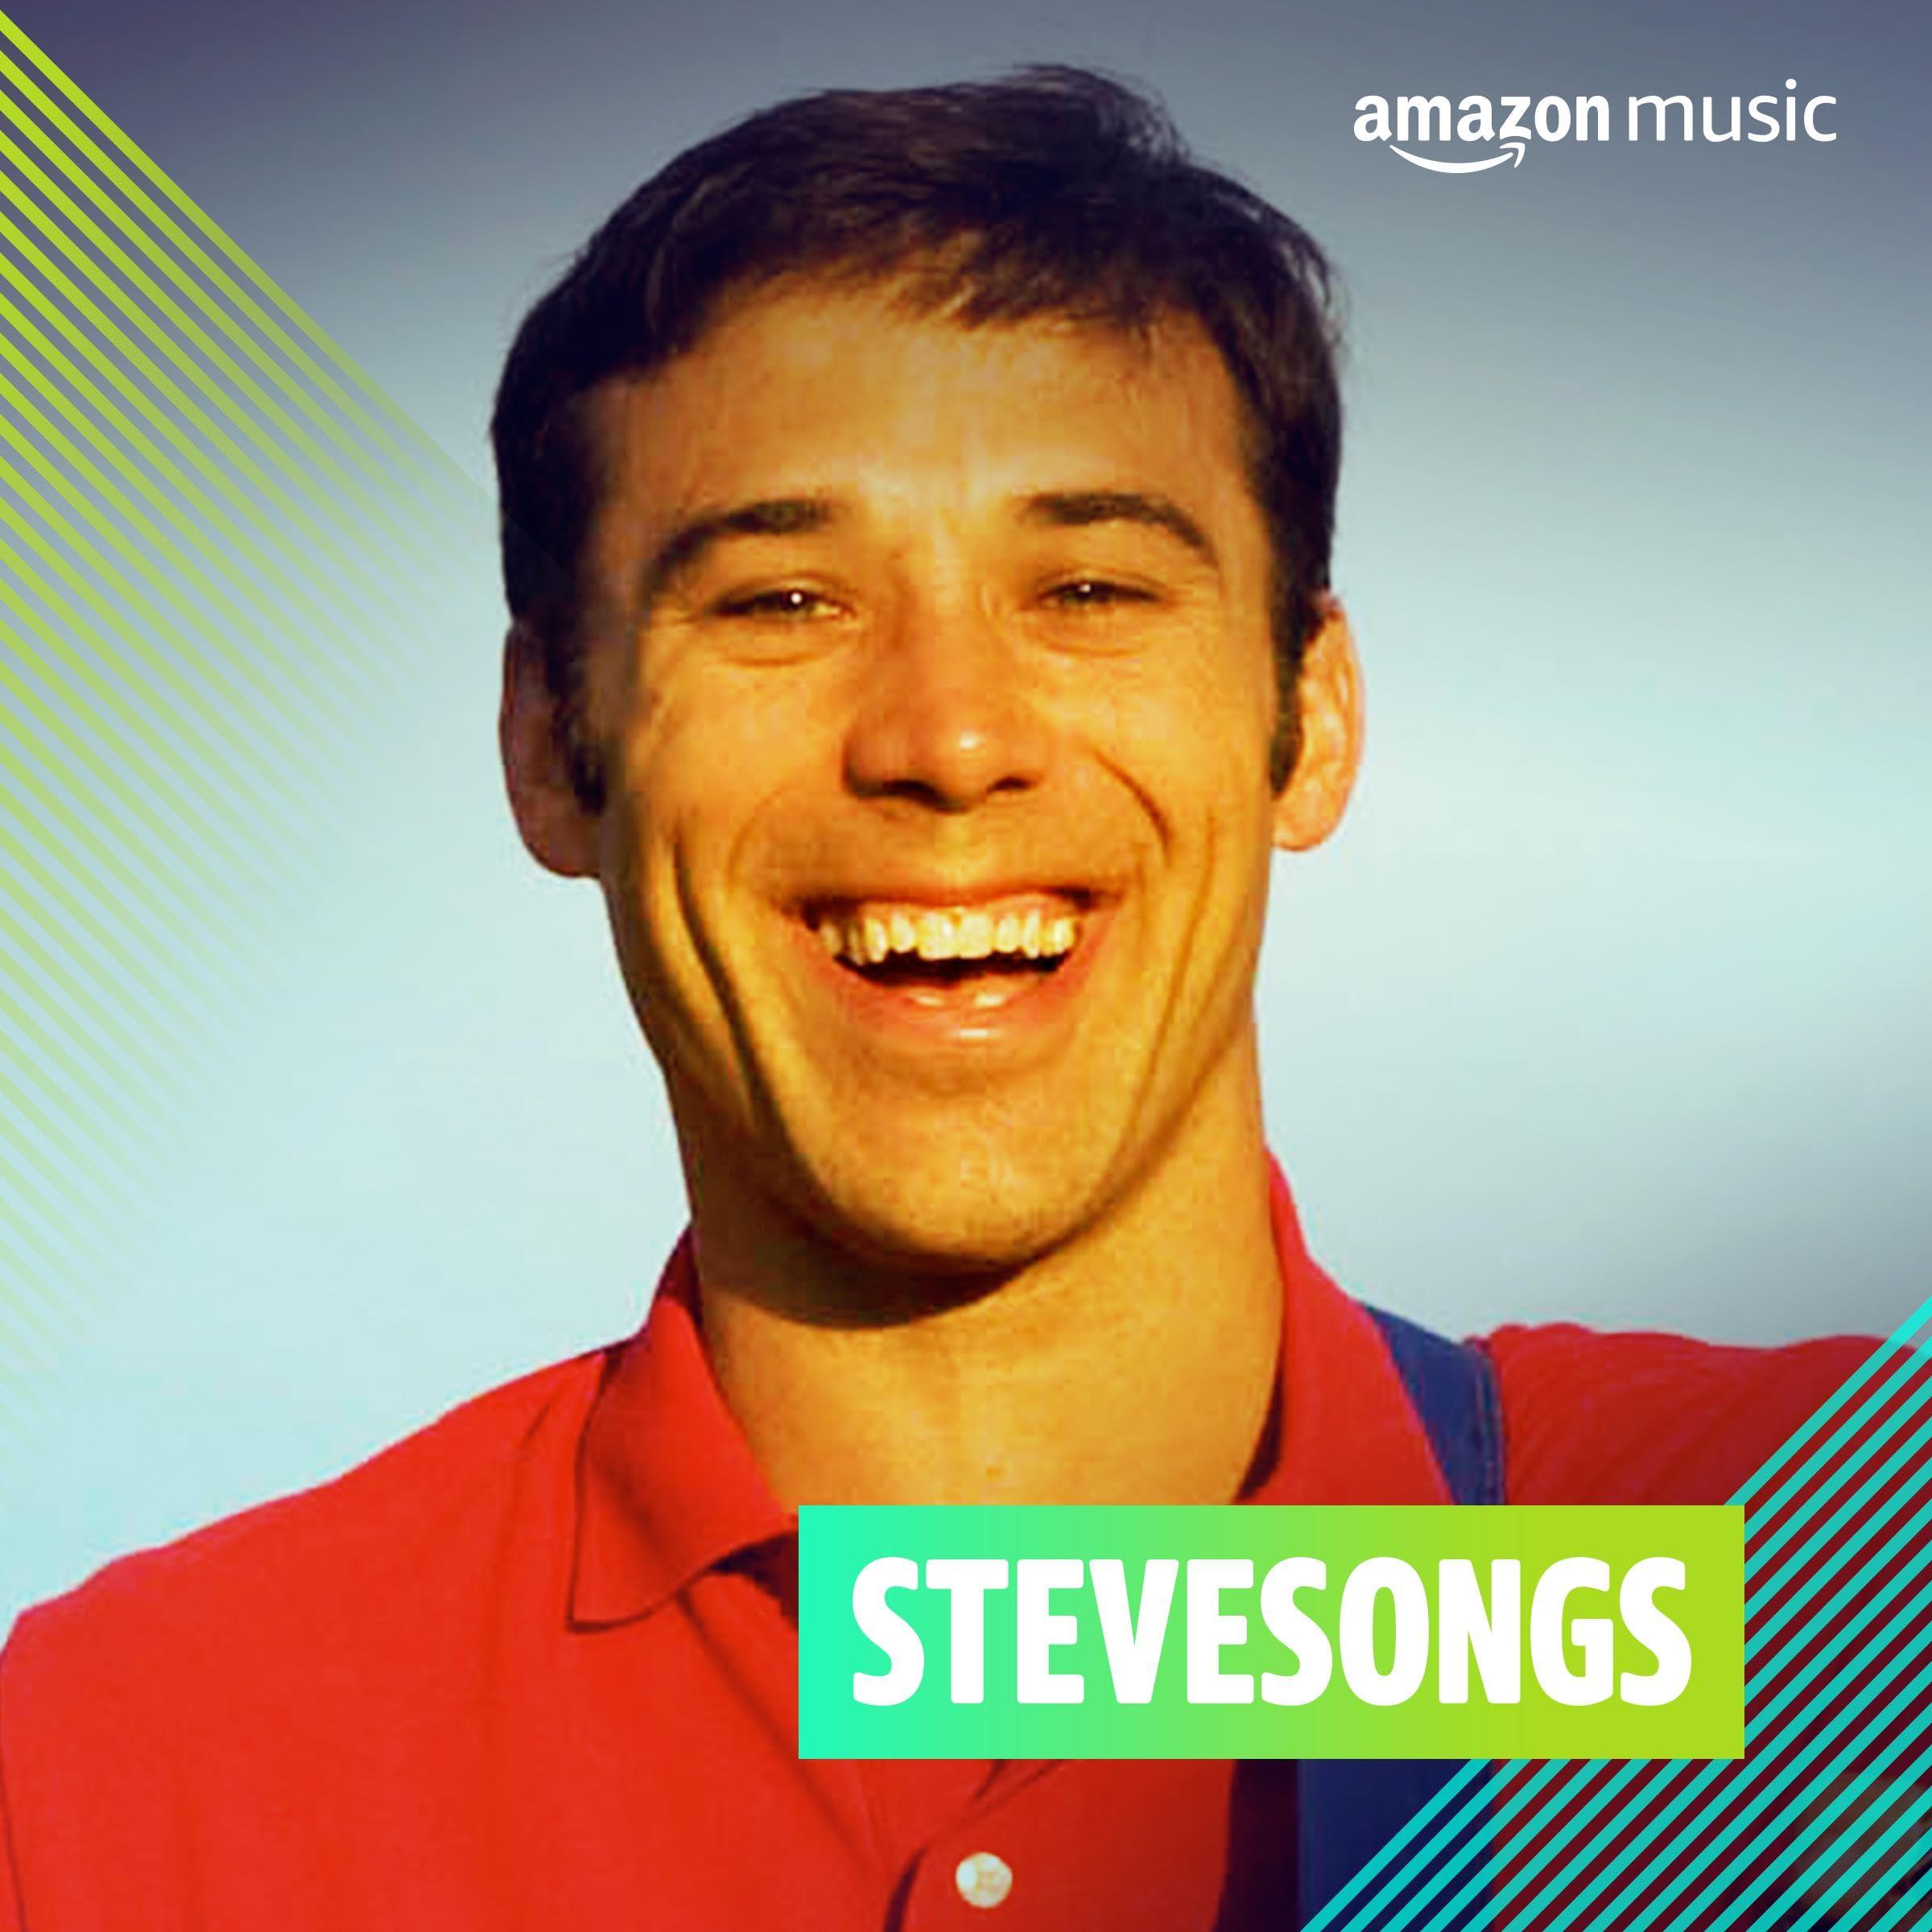 Stevesongs